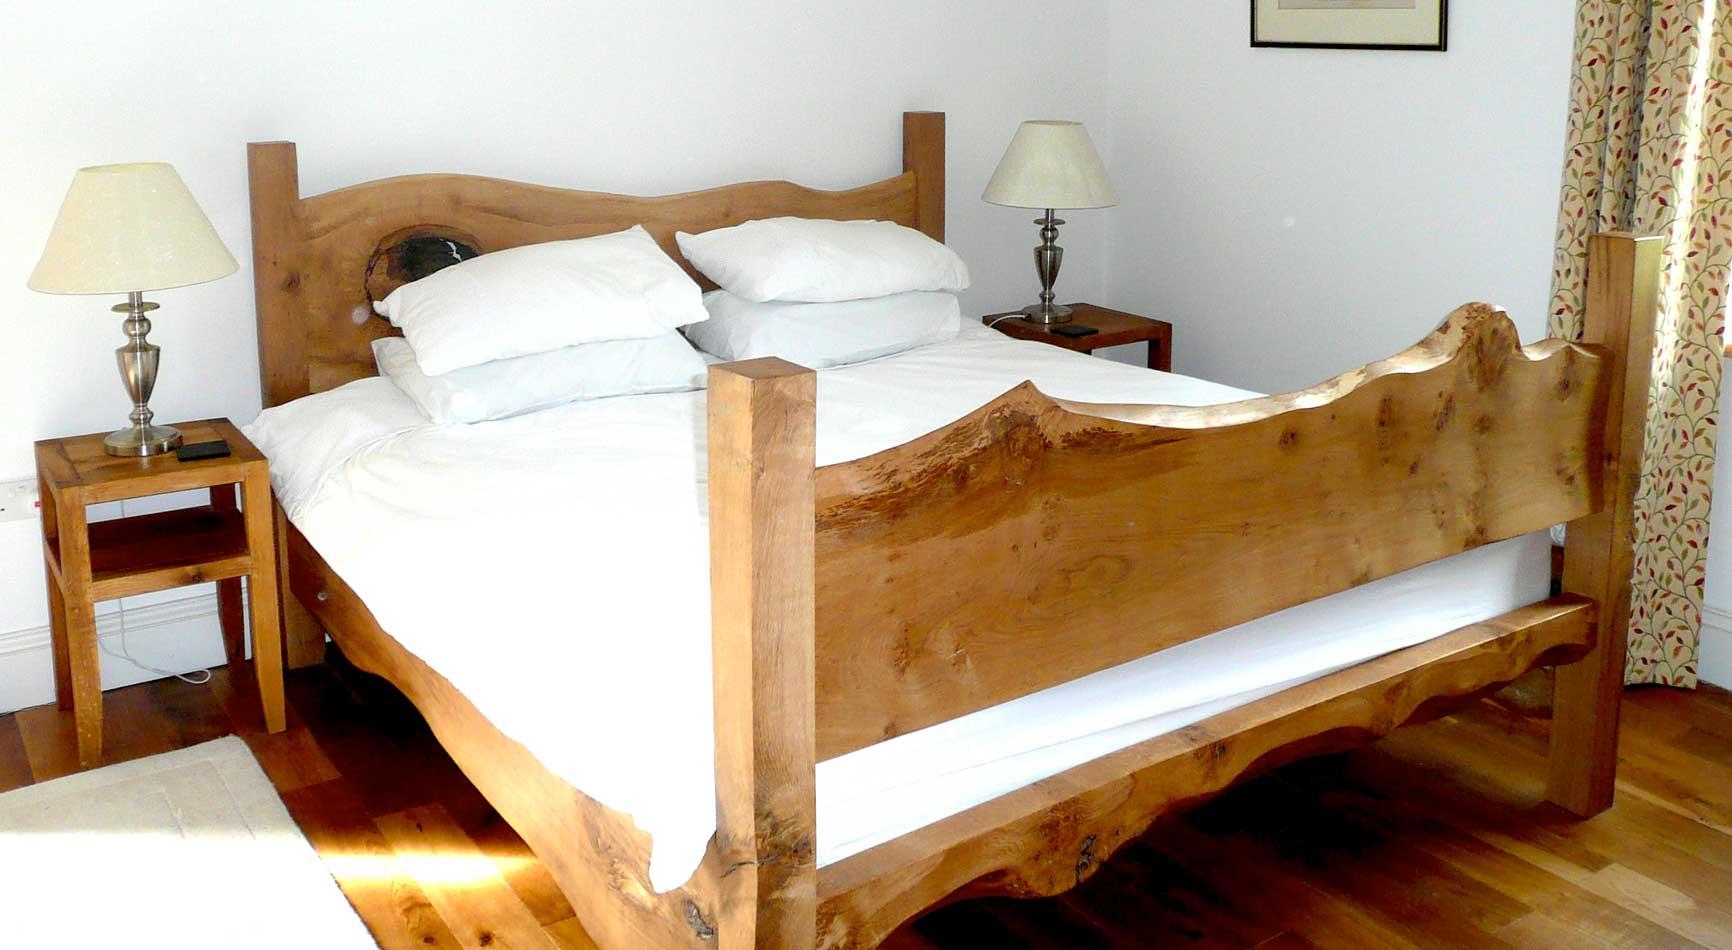 Luxury Self Catering Master Bedroom | Glan Clwyd Isa | Homeslider Image